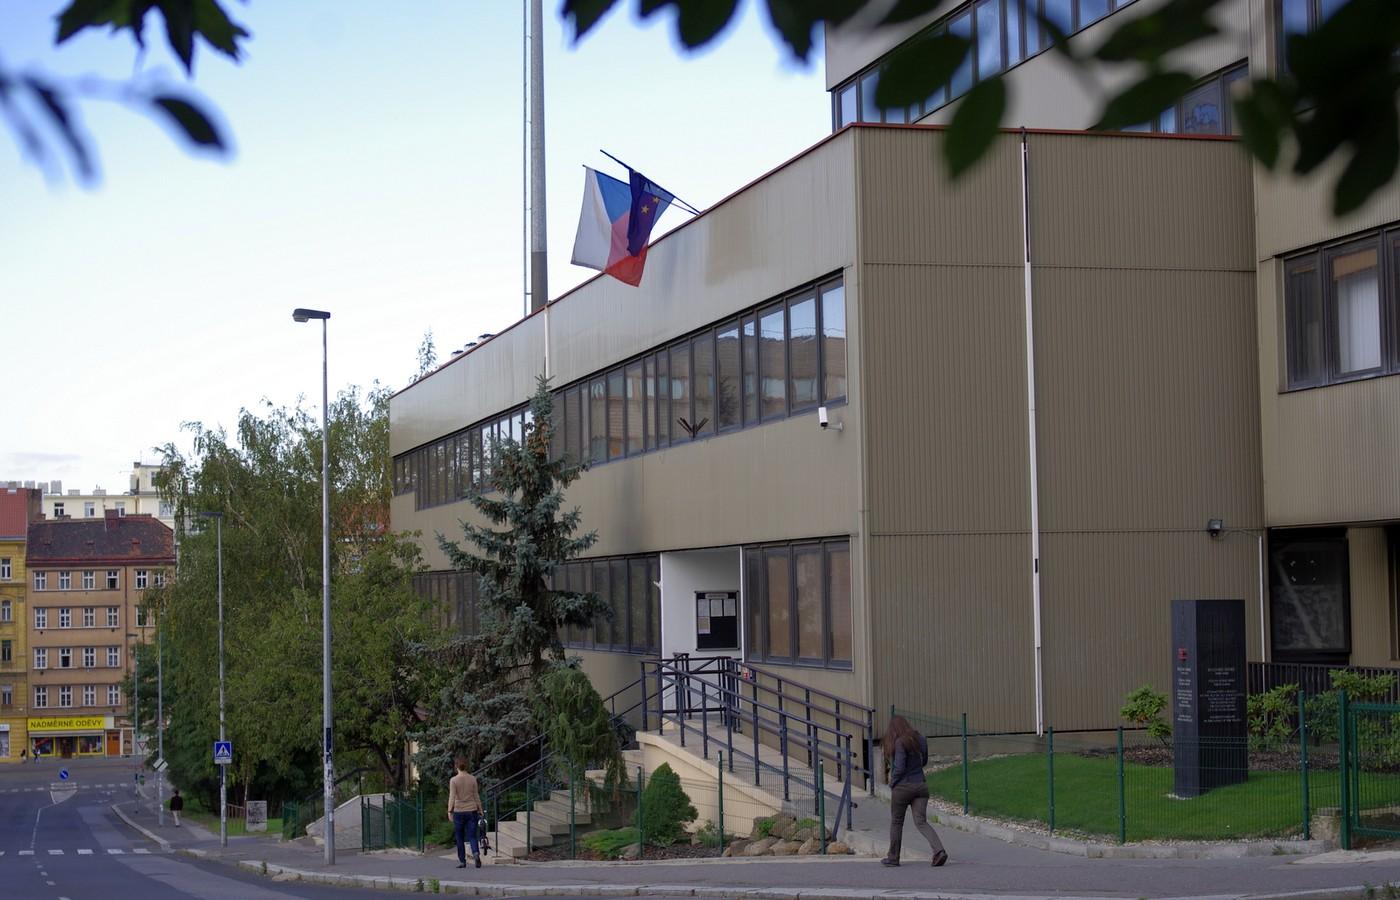 Ústřední technická základna se v roce 1972 usídlila v moderní budově nedaleko Domu odborových svazů na Žižkově. Dnes slouží jako základna Ústavu pro studium totalitních režimů. Foto: P. Farkas